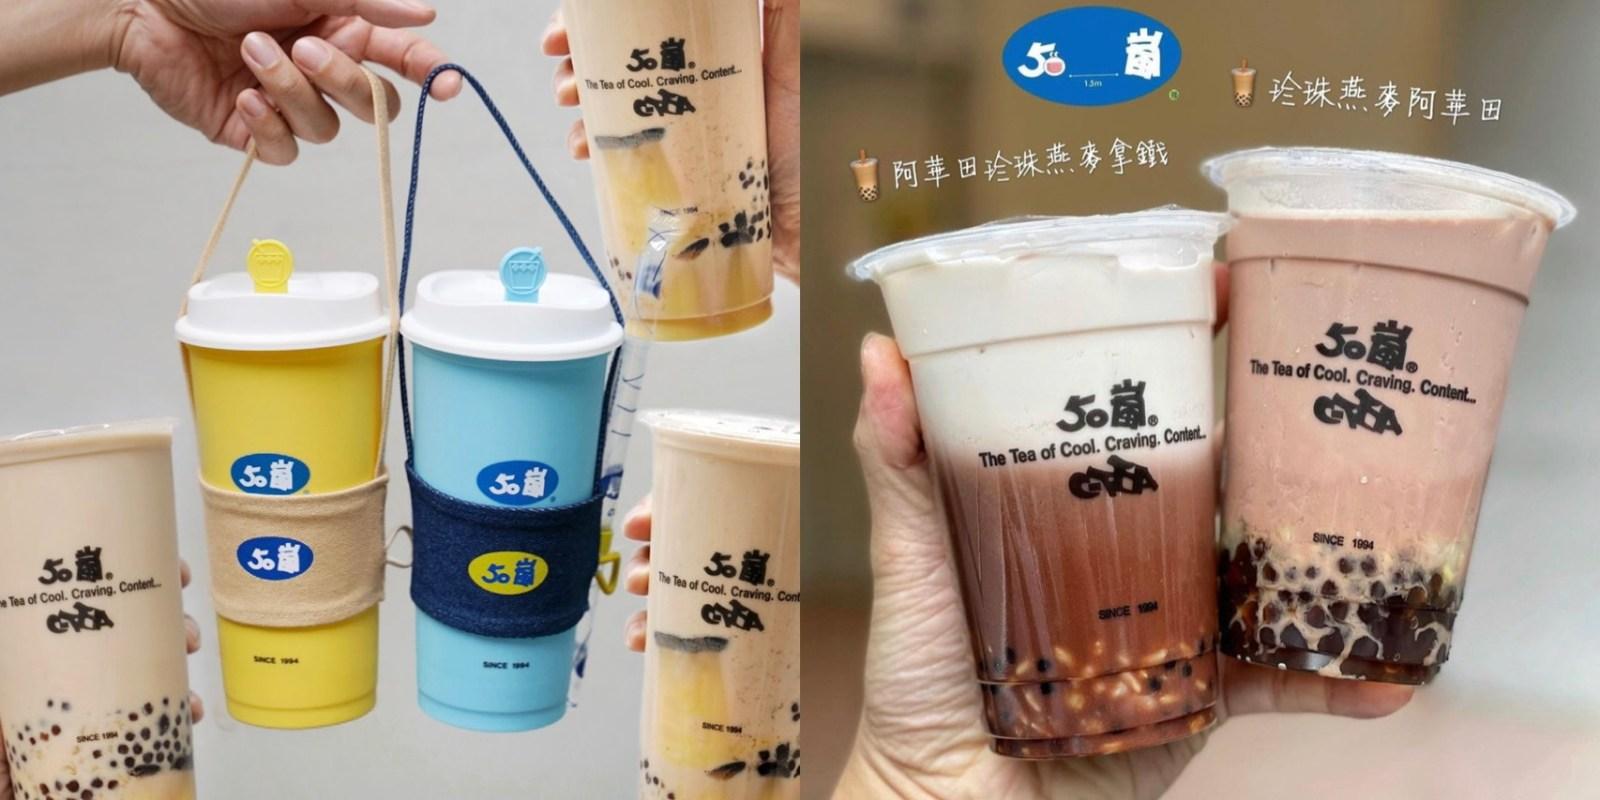 【50嵐】超耐看實用的「50嵐環保杯套組」即將於4/1中區限定開賣啦!隱藏版加料不用錢的布丁奶茶也推薦給各位~